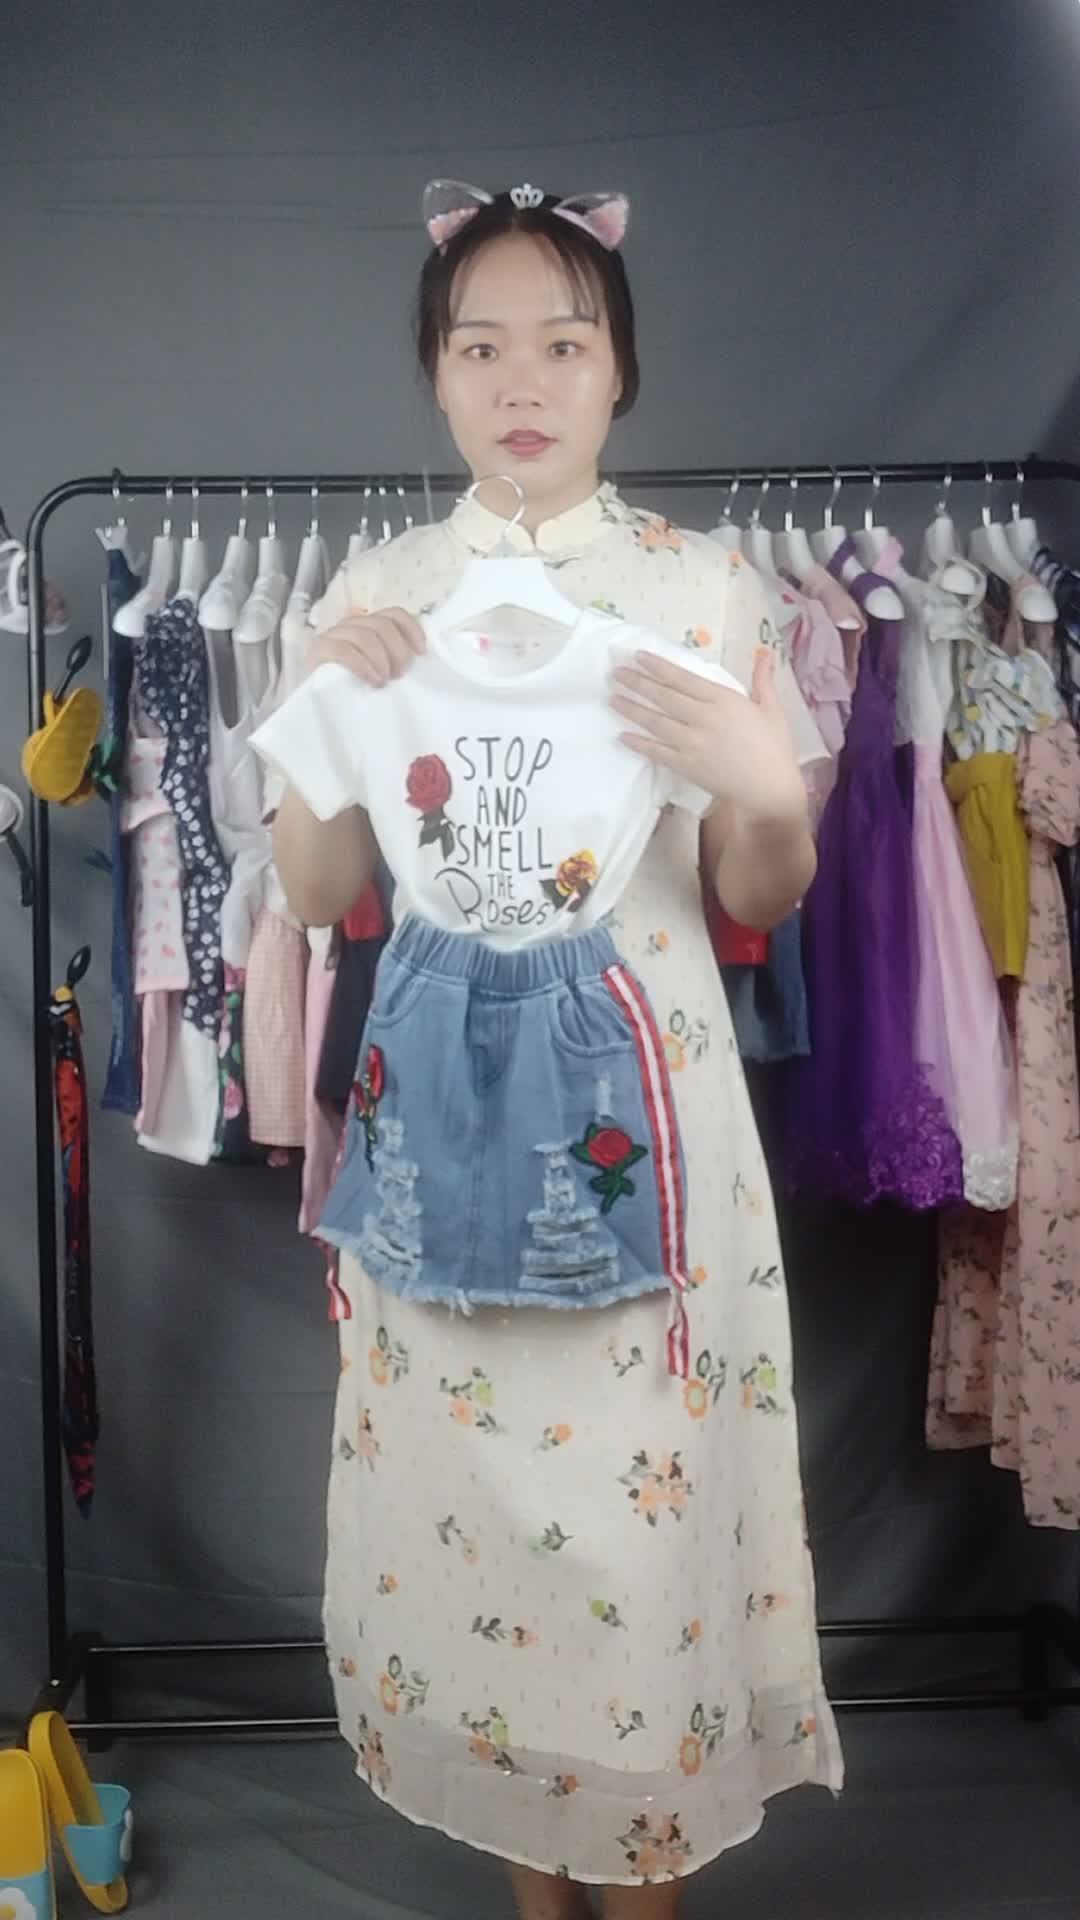 2019 ローズフラワーデニムスカート 3yr ベビー 7 歳の少女子供の夏セットアフリカの服